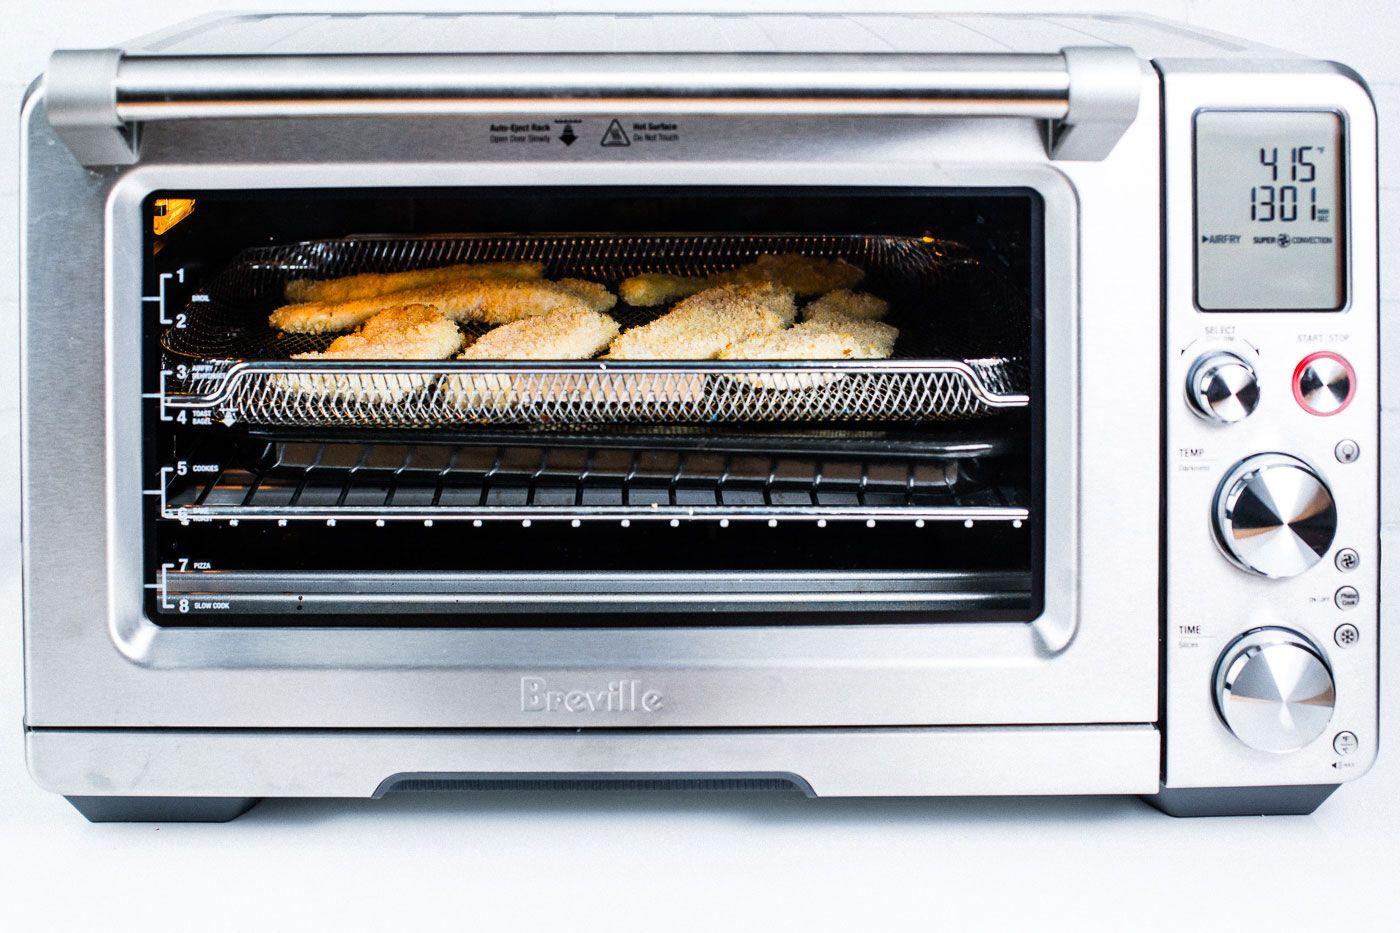 5 Ingredient Crispy Air Fryer Chicken Tenders Recipe